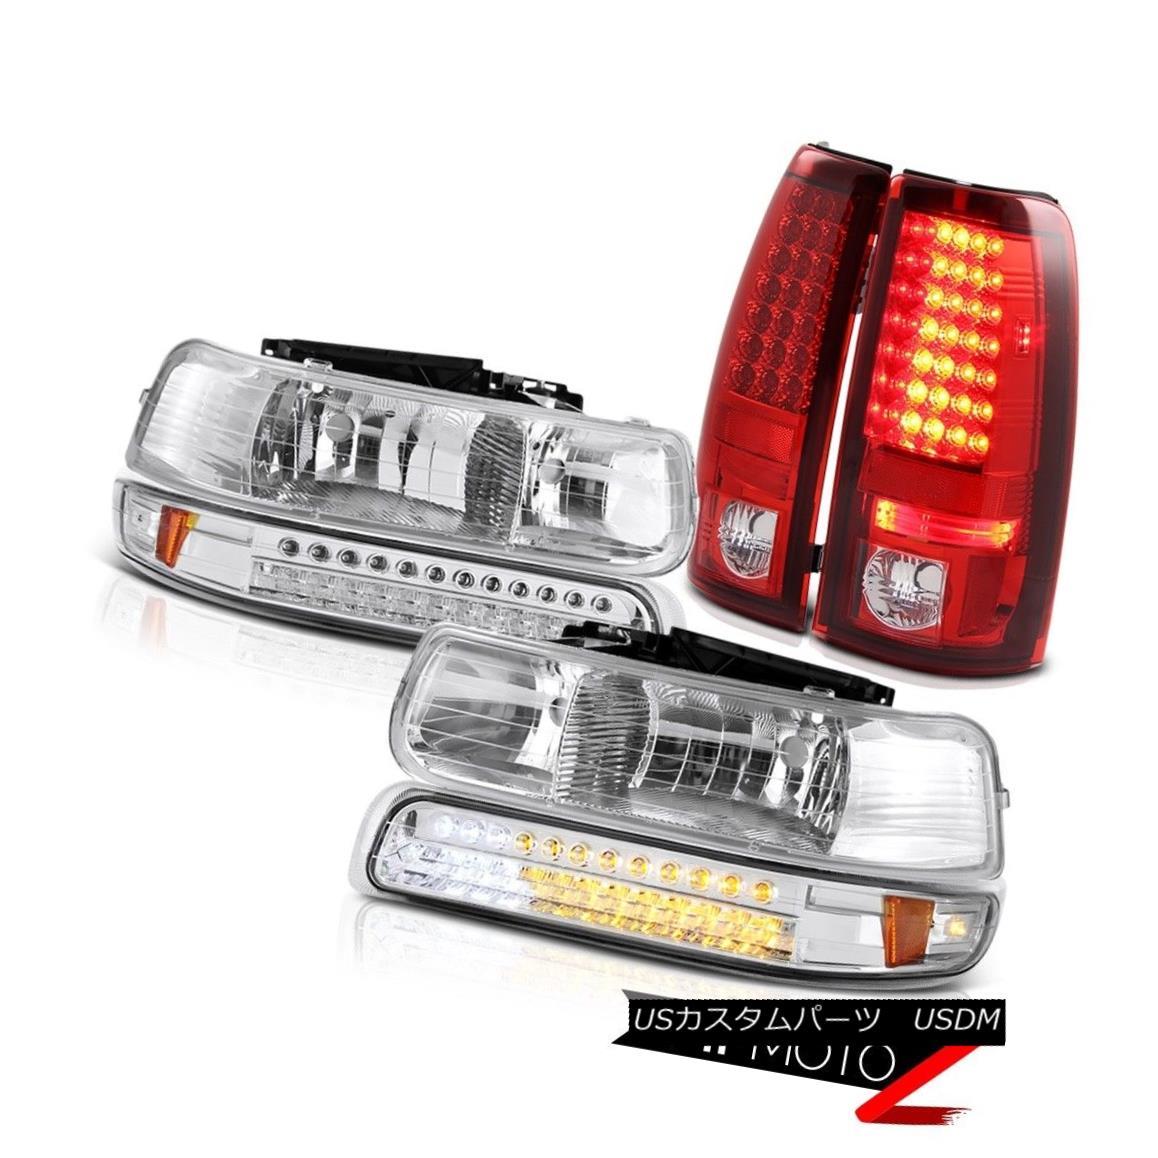 テールライト 99-02 Silverado 4.3L V8 Turn Signal Bumper Light DRL Headlights LED Taillamps 99-02 Silverado 4.3L V8ターンシグナルバンパーライトDRLヘッドライトLEDタイルランプ